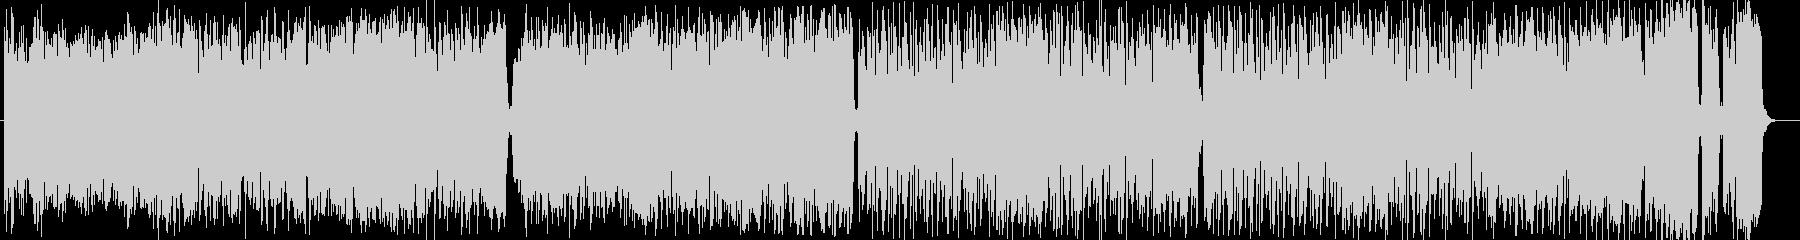 大正ロマン バンドネオン+チェロのタンゴの未再生の波形